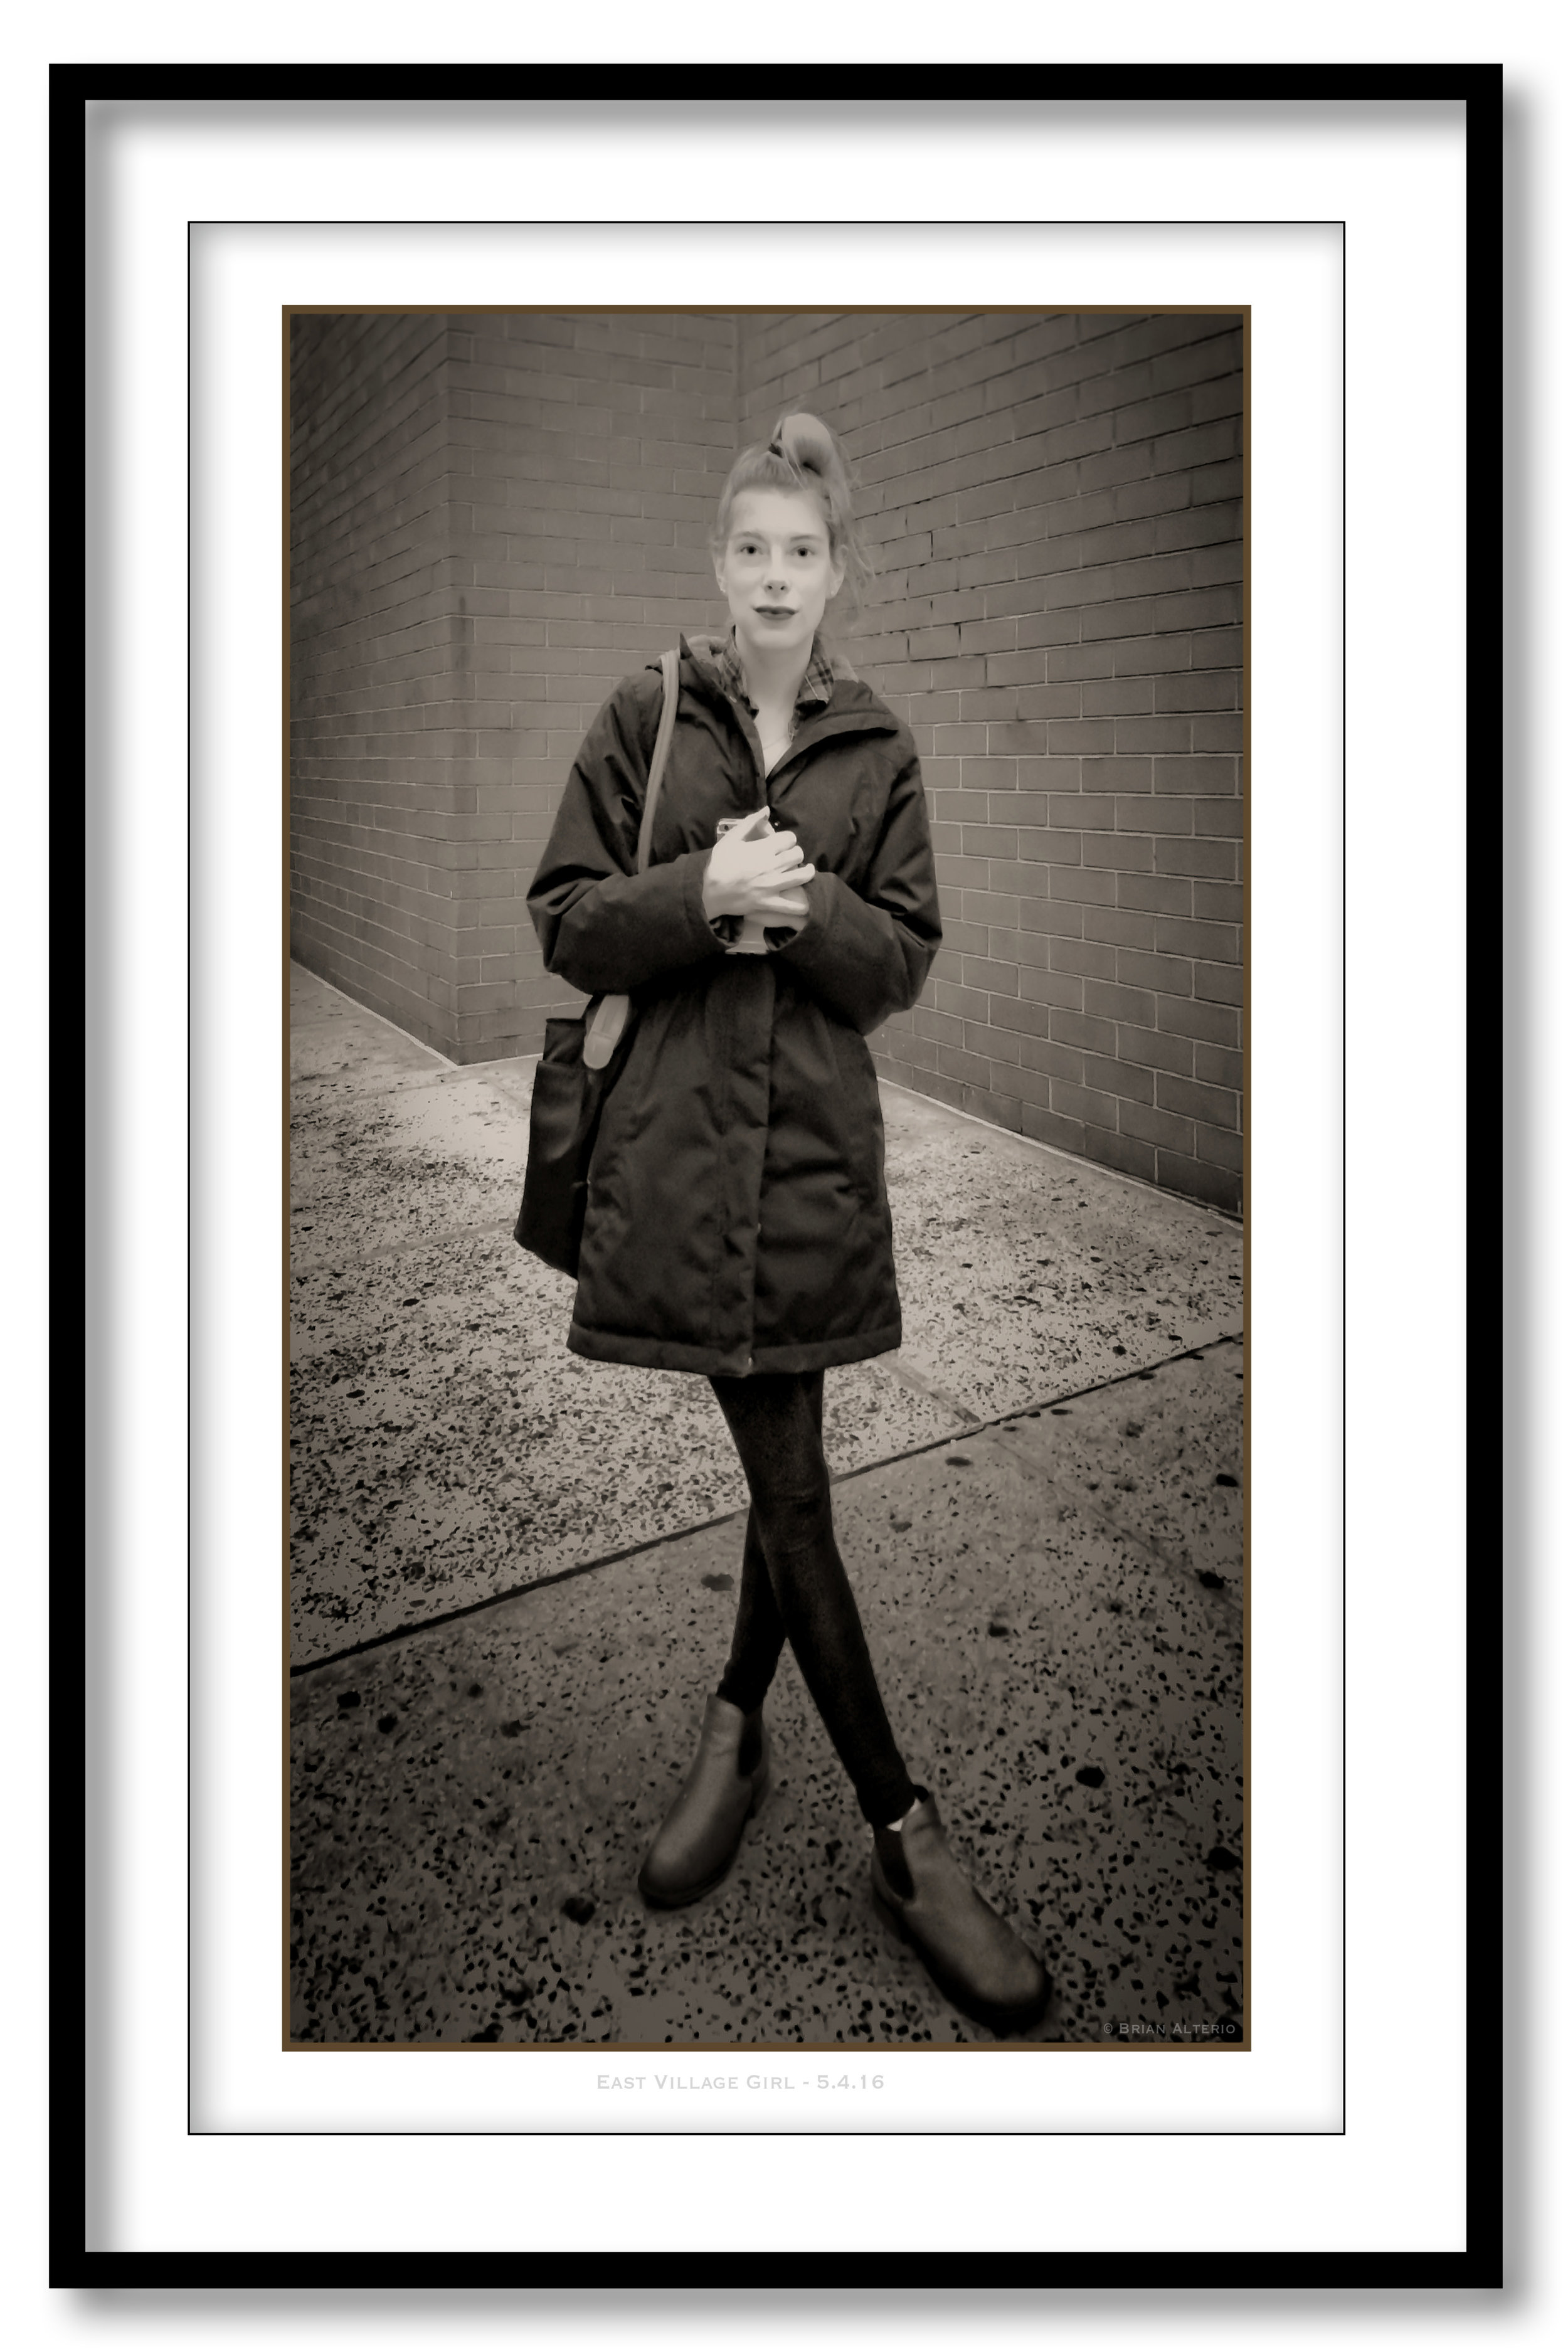 East Village Girl - 5.4.16 - Framed.jpg